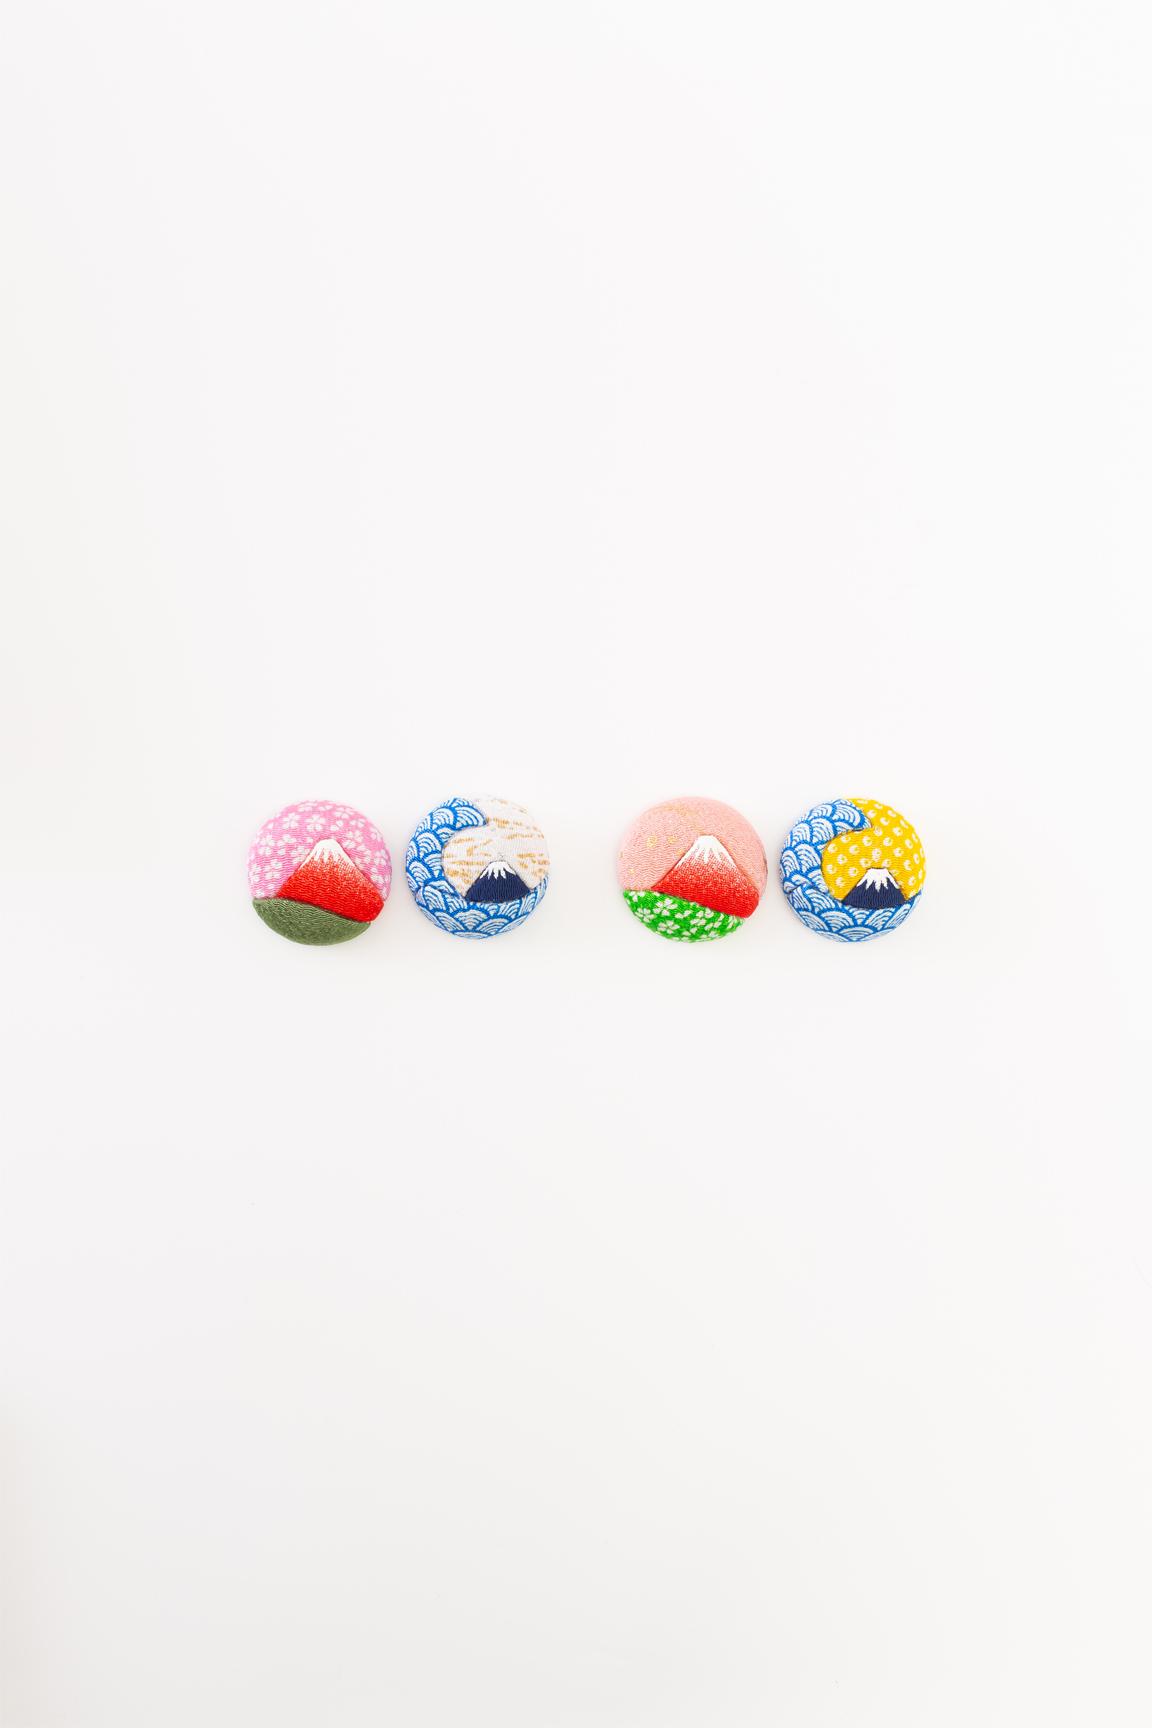 Edo Kimekomi Magnets